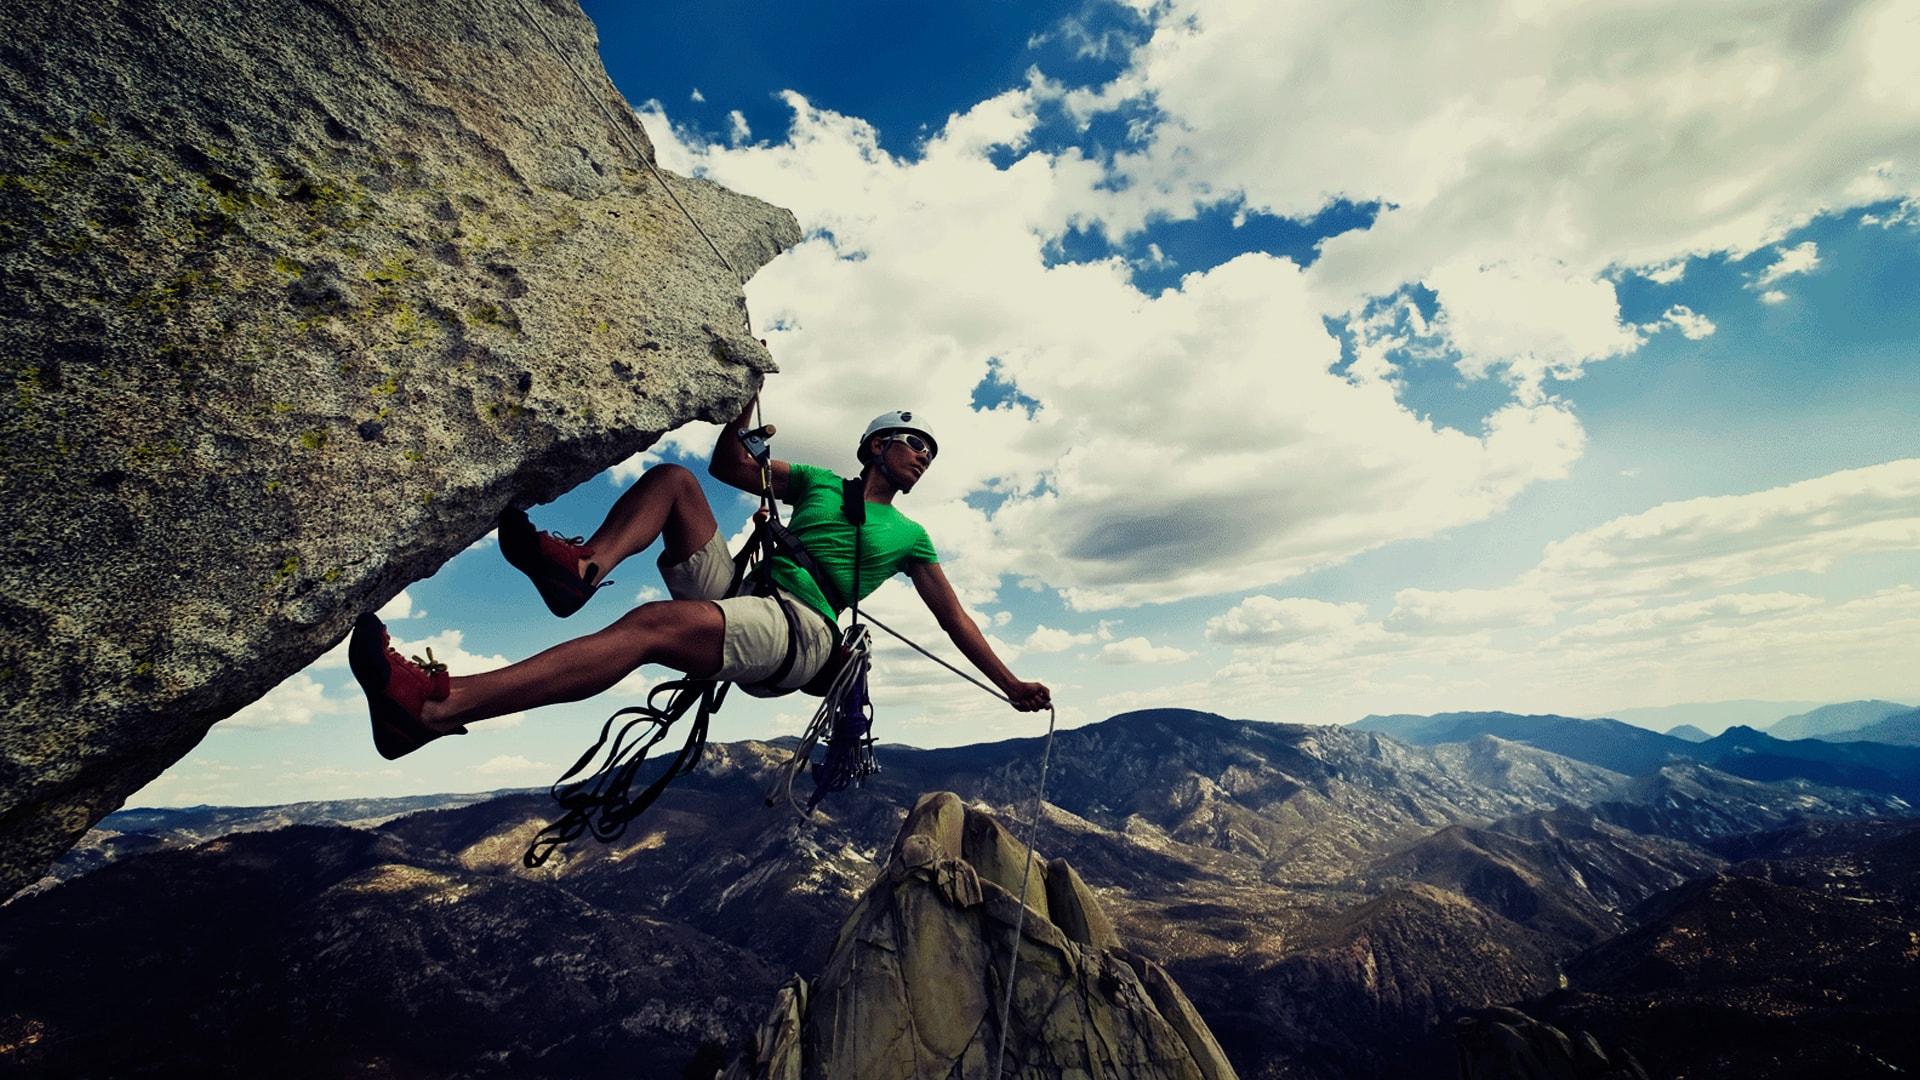 Homem praticando alpinismo em uma montanha muito alta. Ao fundo tem várias montanhas e um céu bem azul, com nuvens.